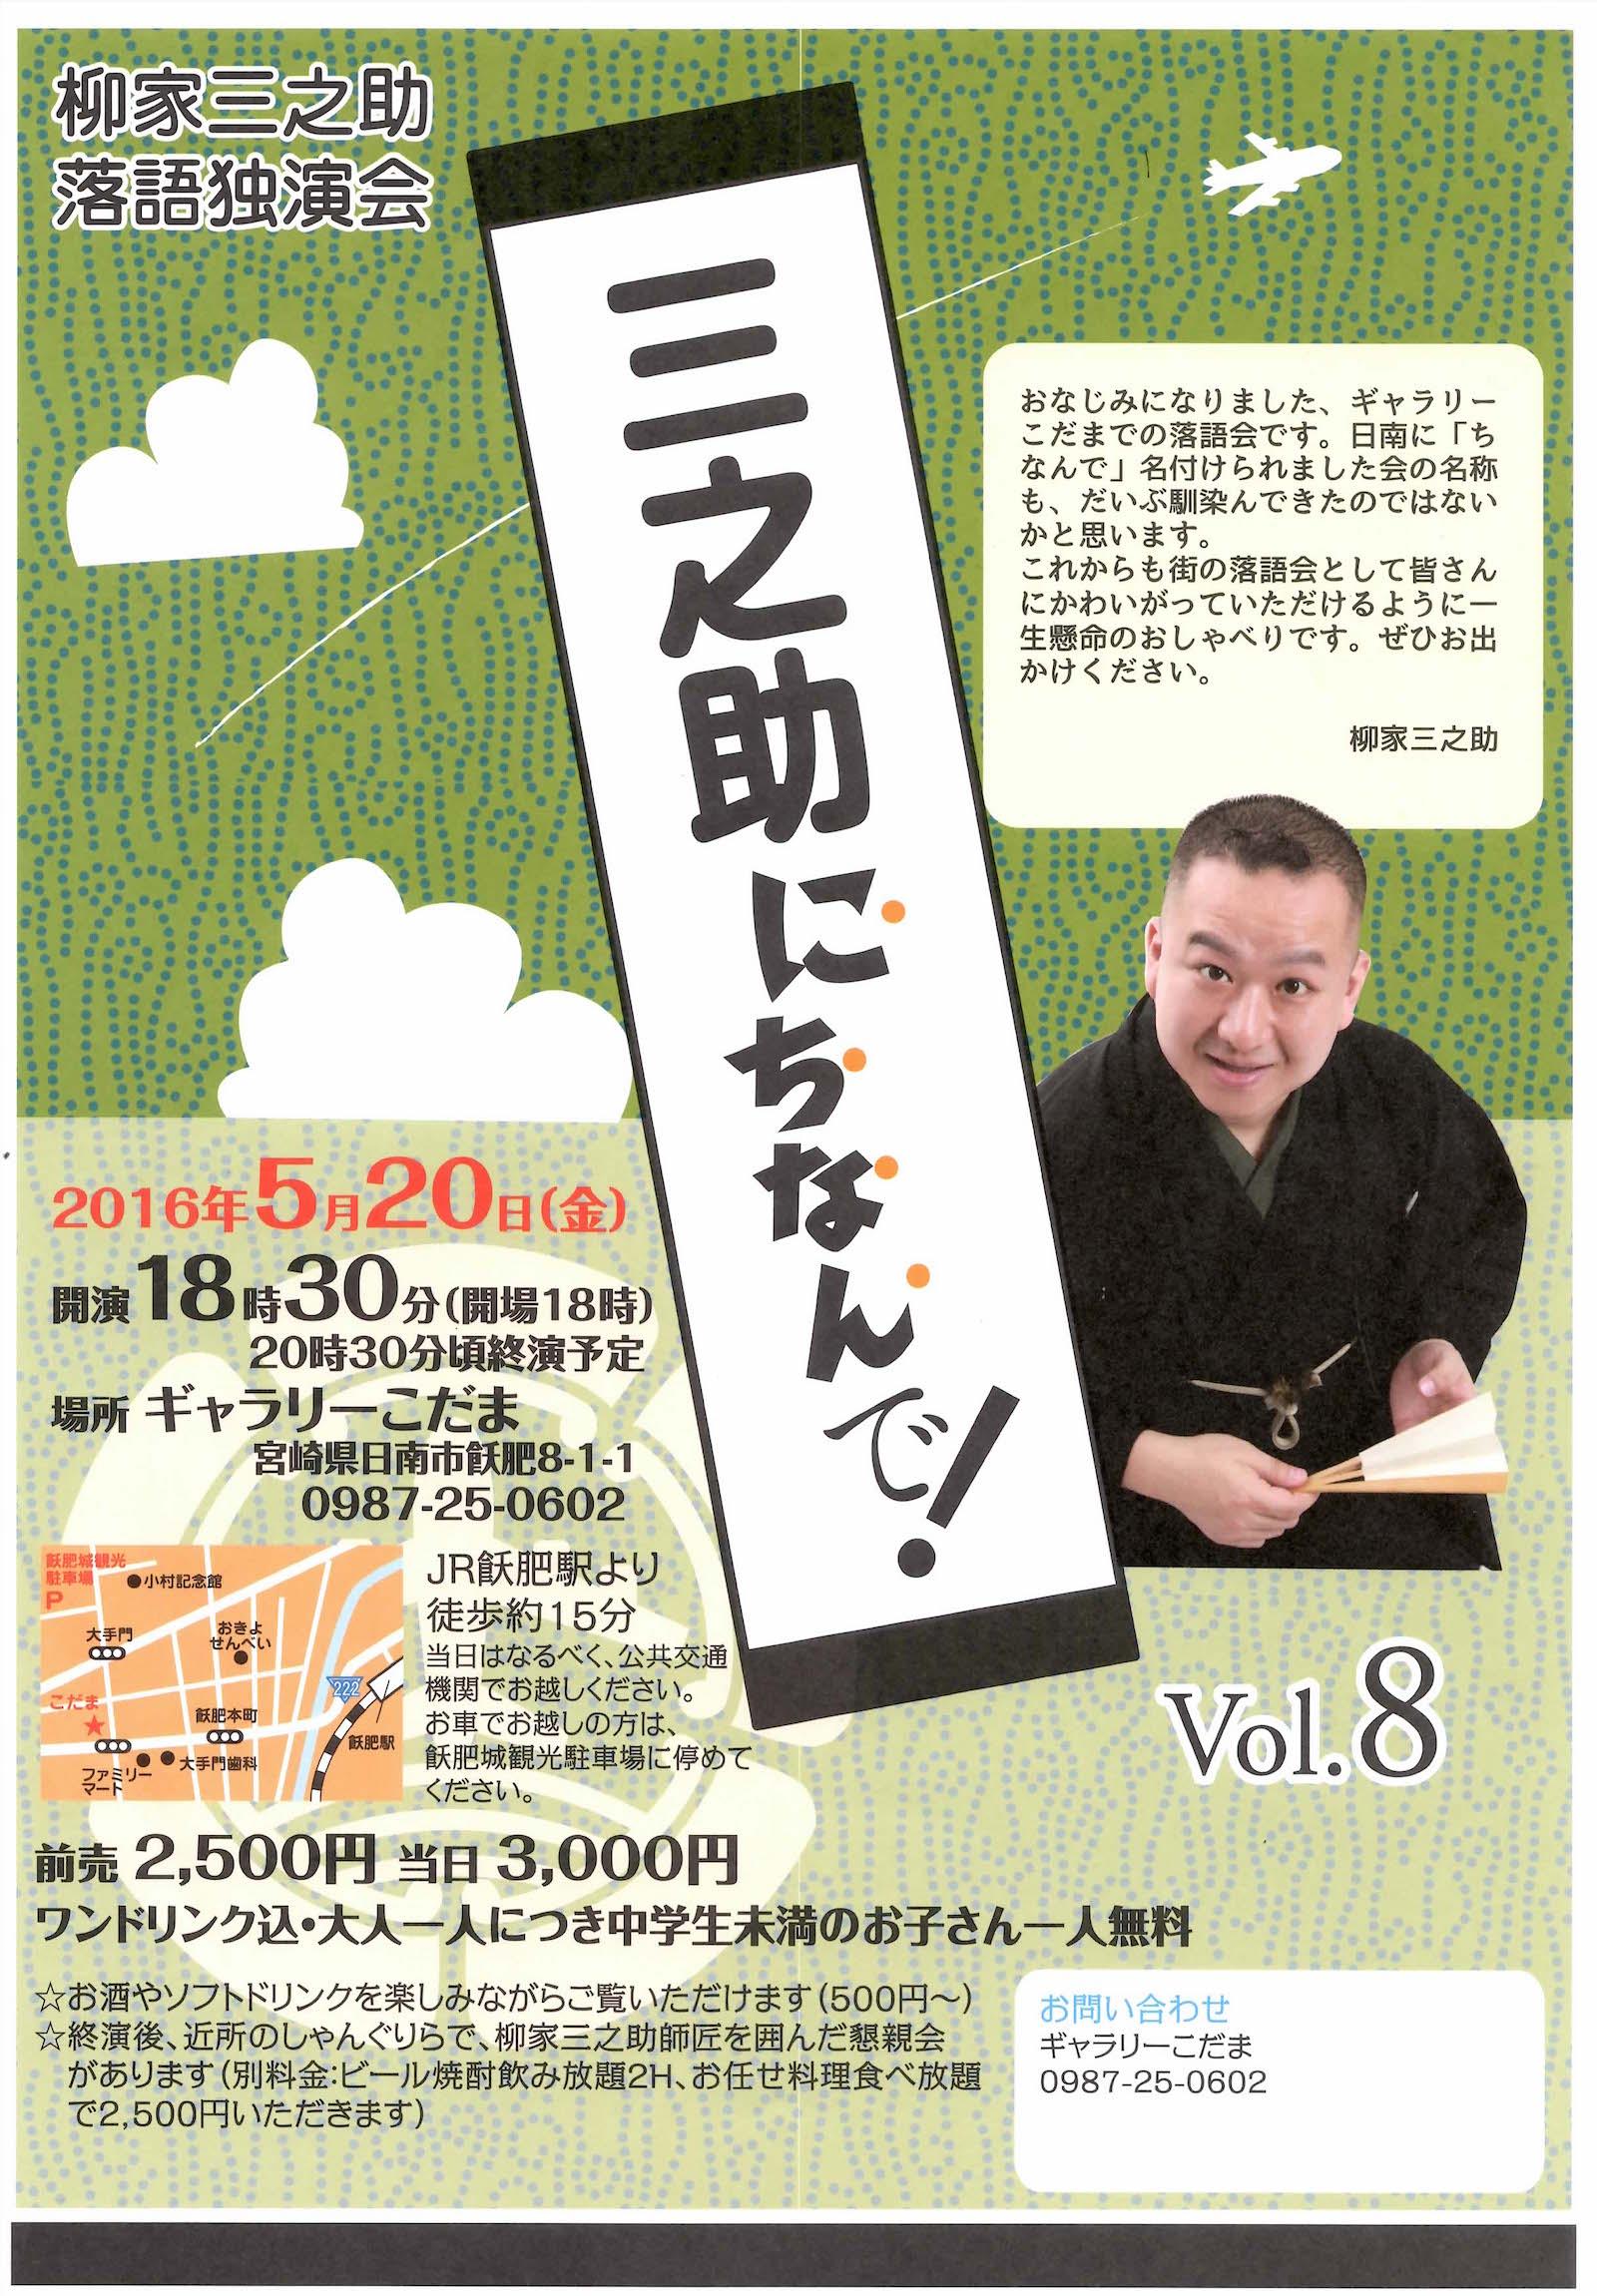 【PR】三之助にちなんで!Vol.8